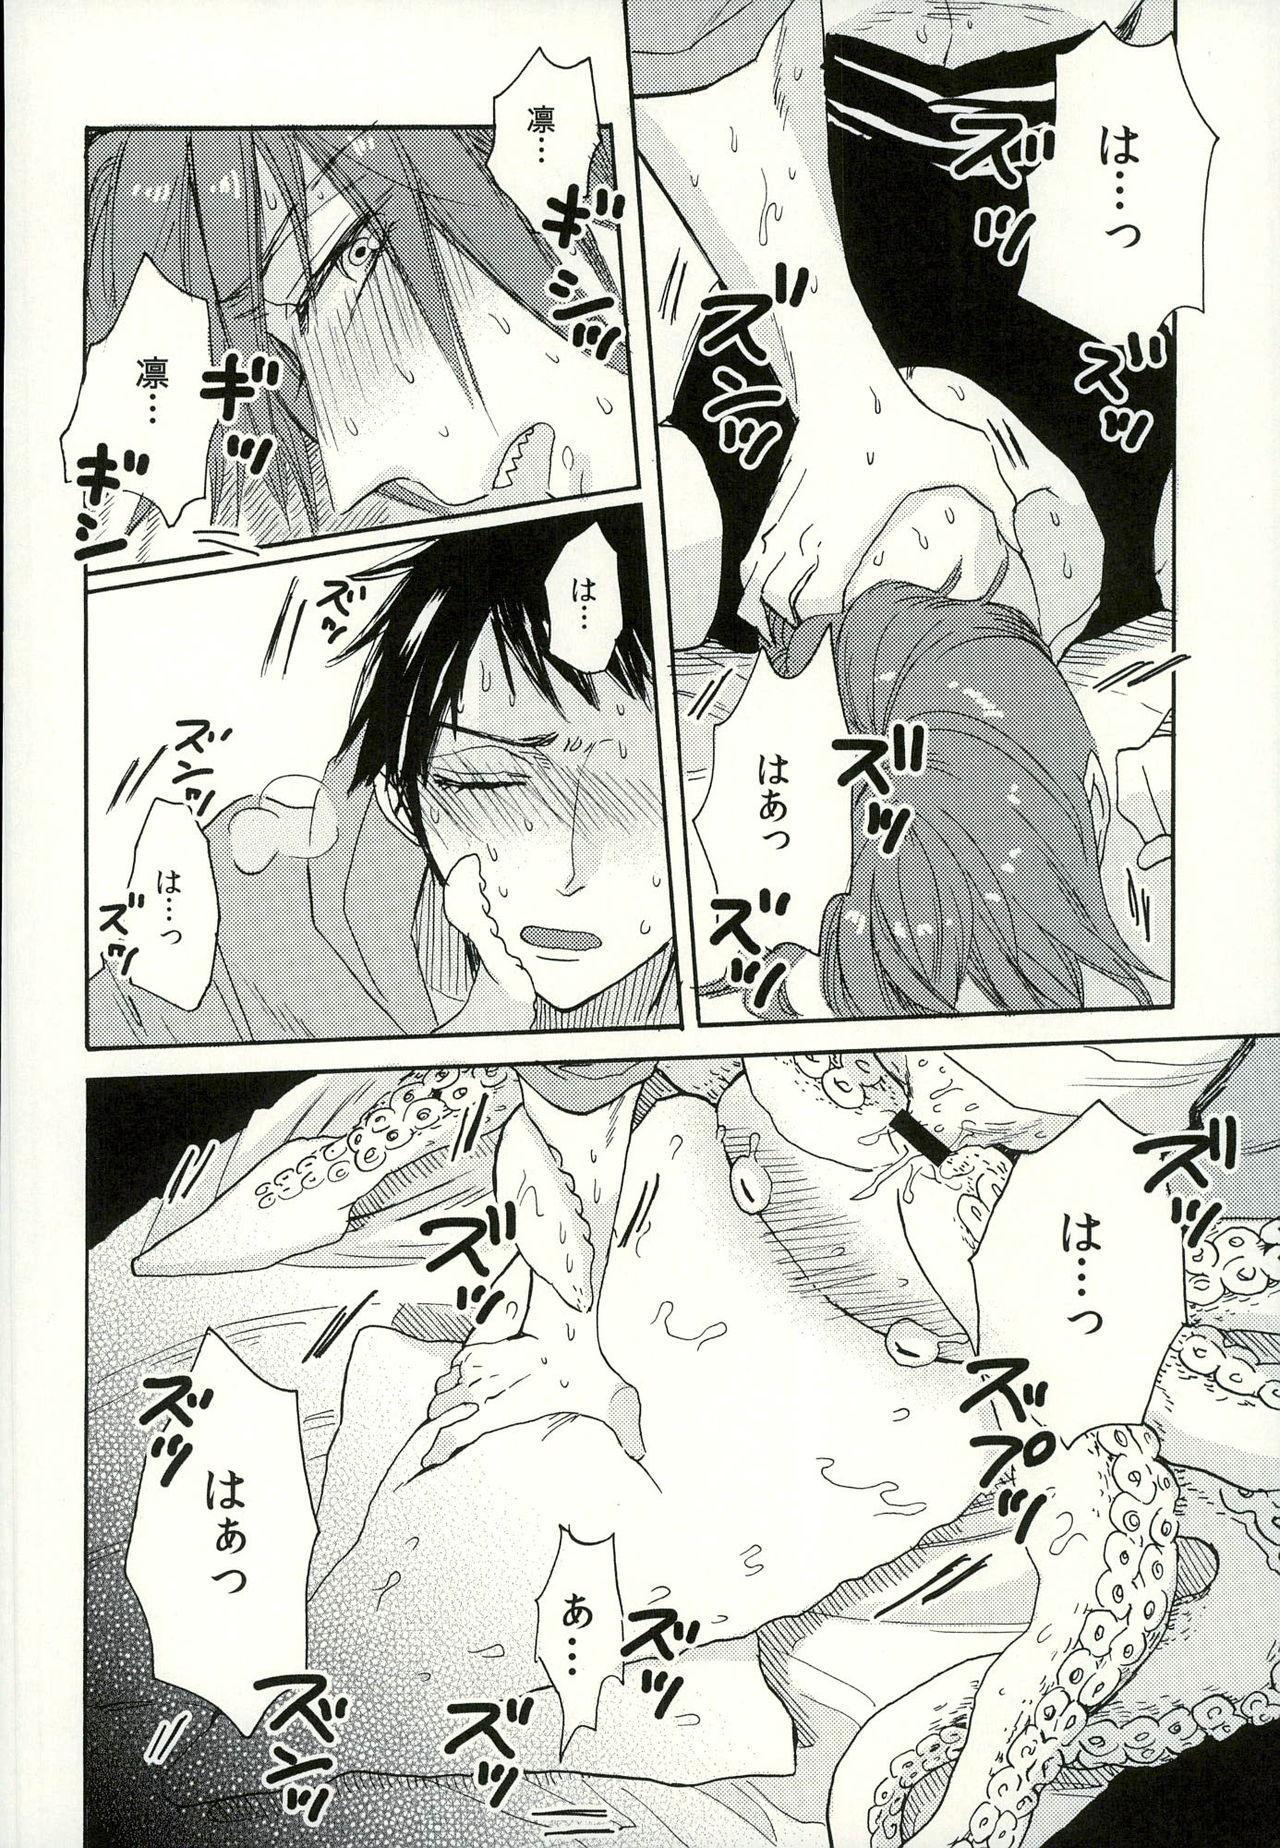 (SUPERKansai20) [hn (Pirori)] Sou-chan Jana-ika!? (Free!) 14